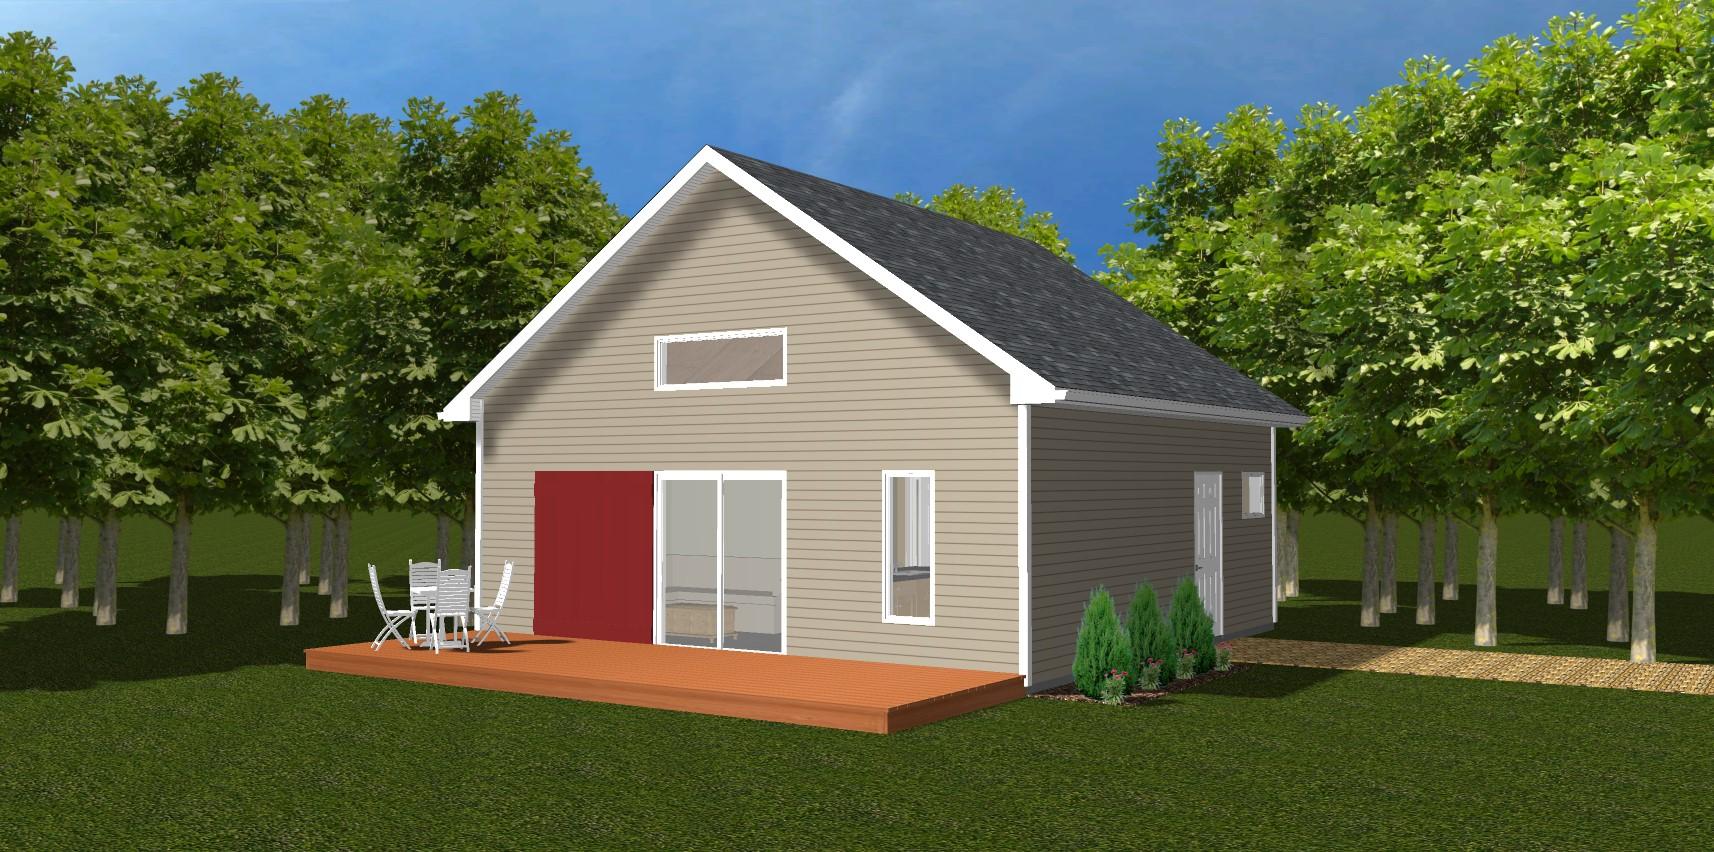 https://0901.nccdn.net/4_2/000/000/01e/20c/the-cabin---rendering-2.jpg